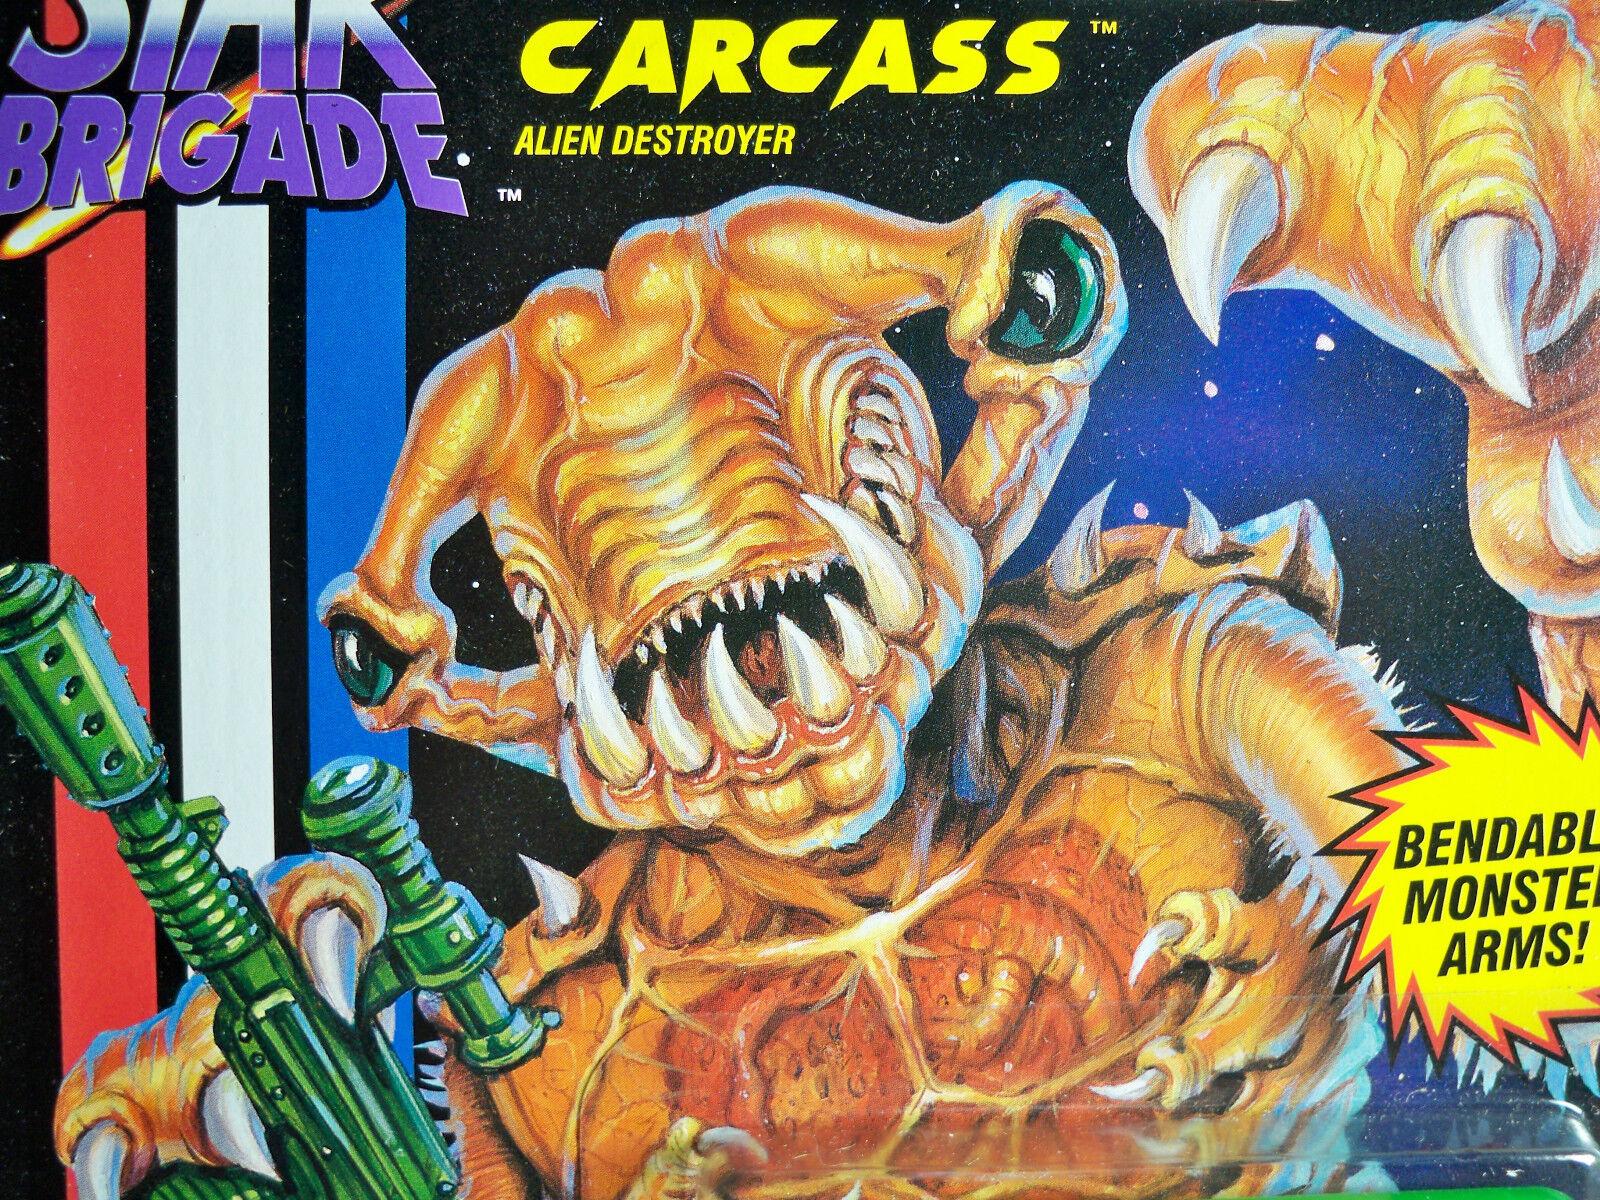 D1003233 CARCASS GI JOE STAR BRIGADE ALIEN DESTROYER DESTROYER DESTROYER 1993 MOC MINT ON CARD 52700a